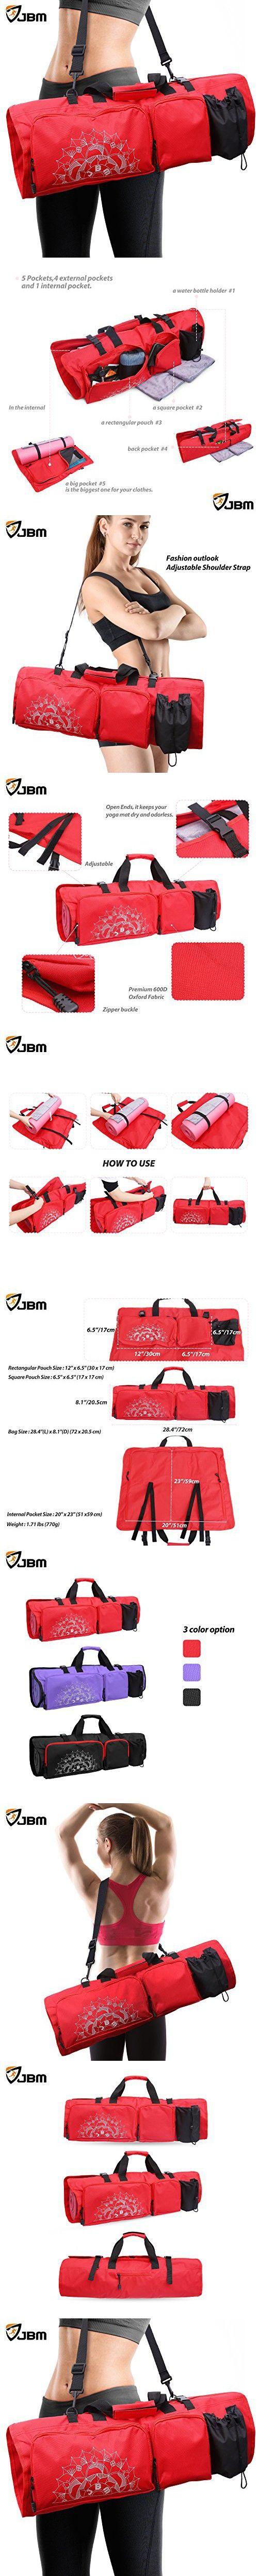 """JBM Yoga Bag Yoga Mat Bag with Open Ends (3 Color) Yoga Mat Carrier 5 Pockets for Yoga Mat Yoga Block Yoga Gear Yoga Accessories (Pink, 28.4""""(L) x 8.1""""(D))"""